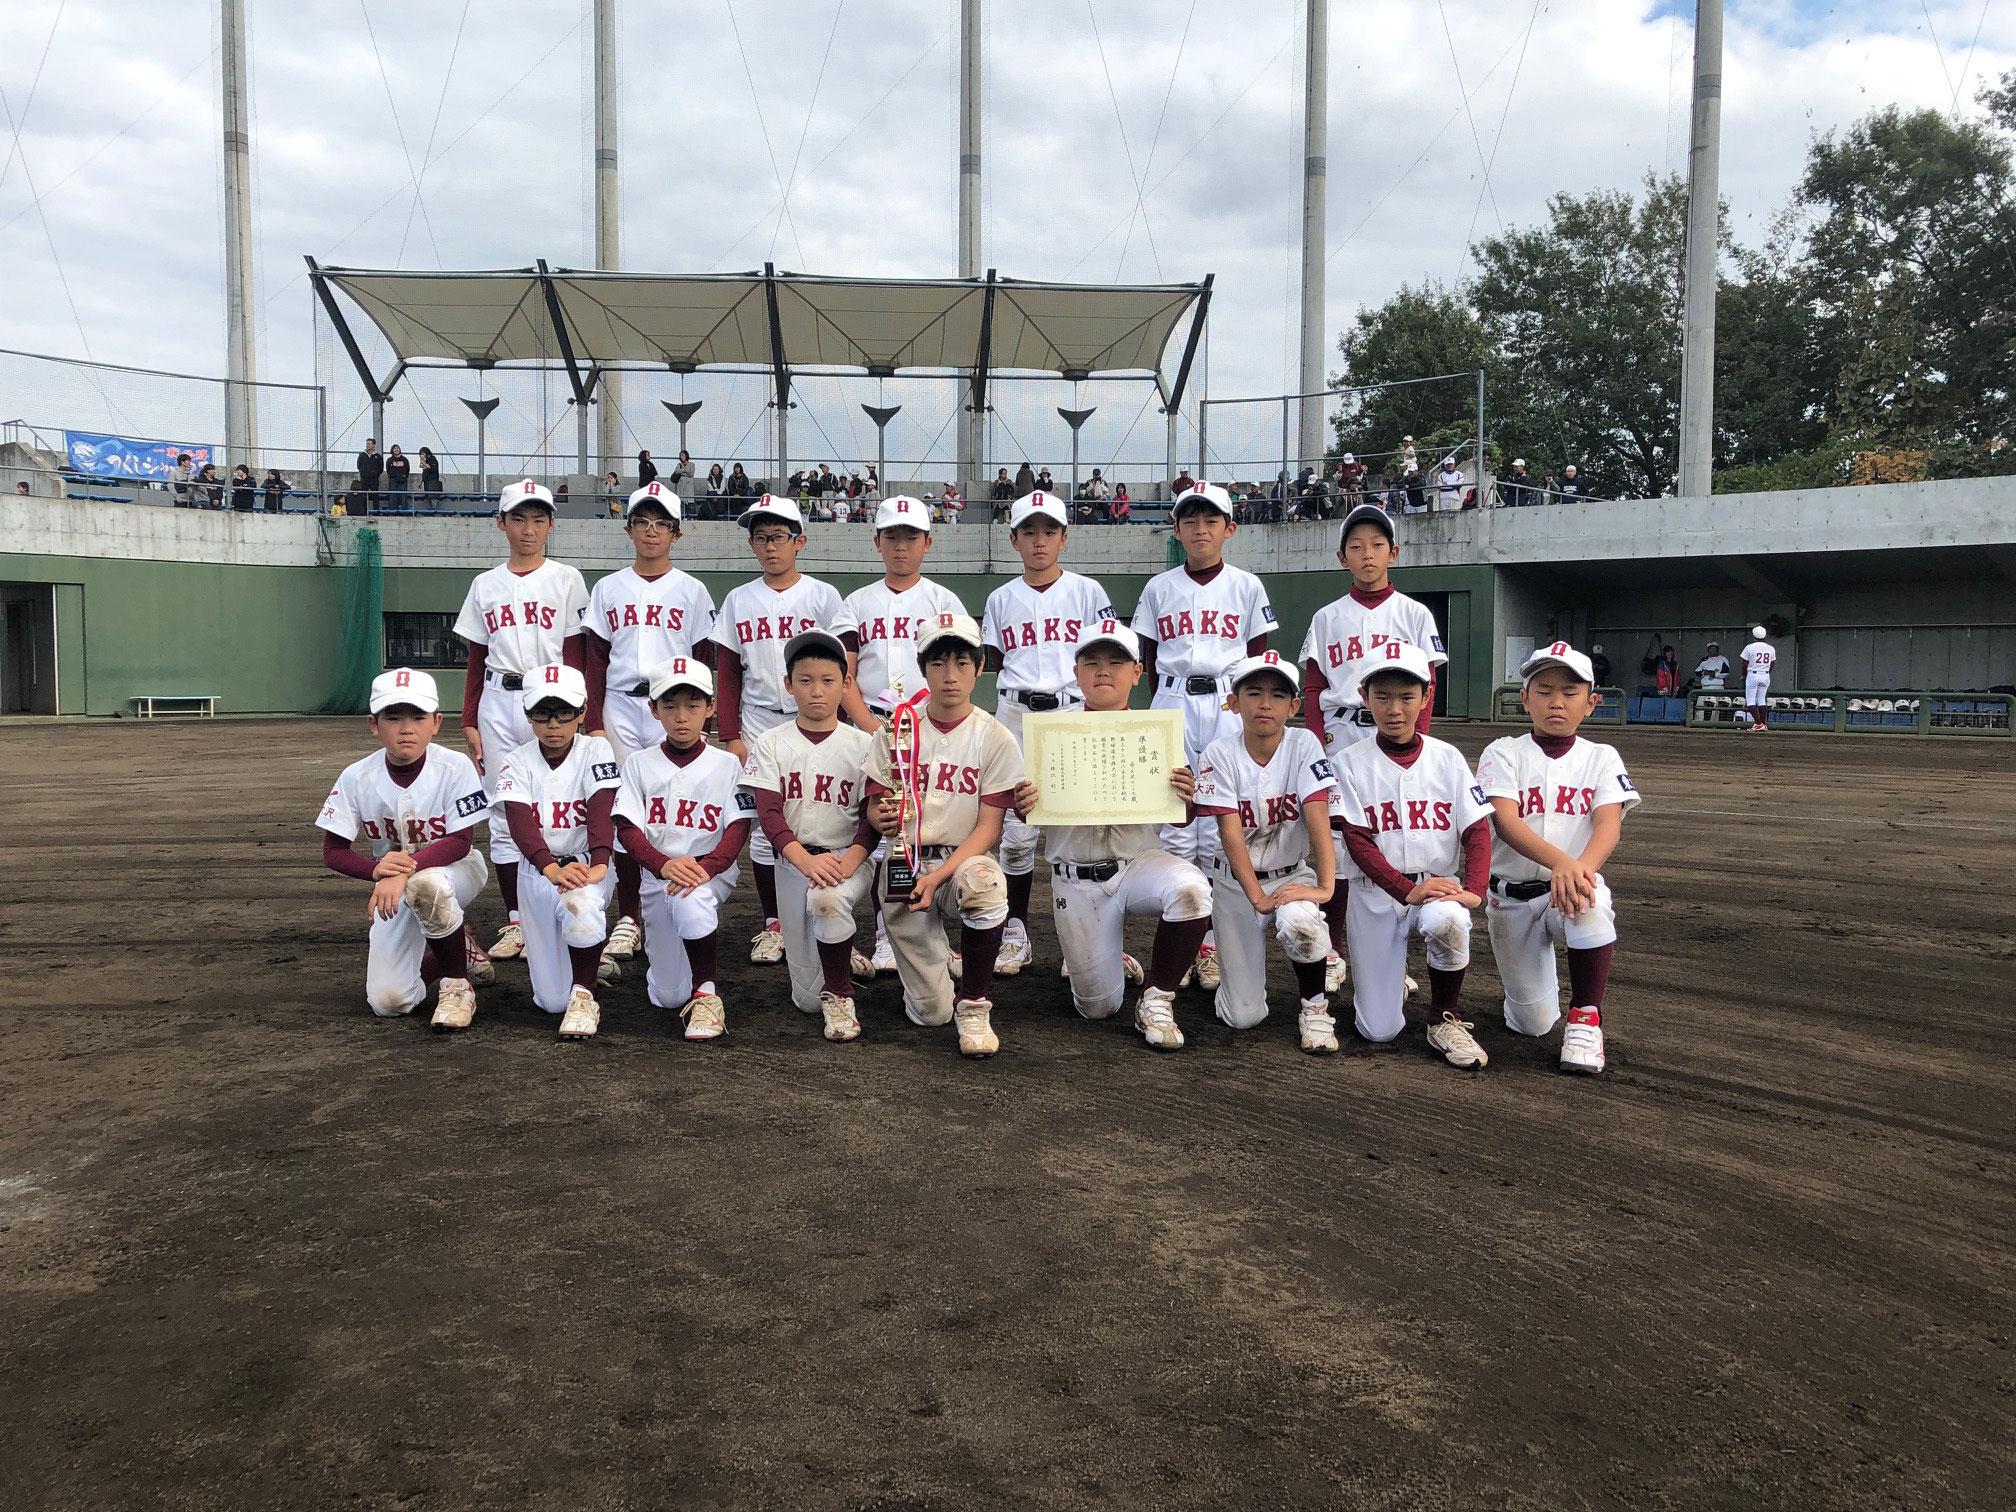 第32回八王子少年軟式野球 選手権大会 準優勝 南大沢オークス 平成30年11月11日